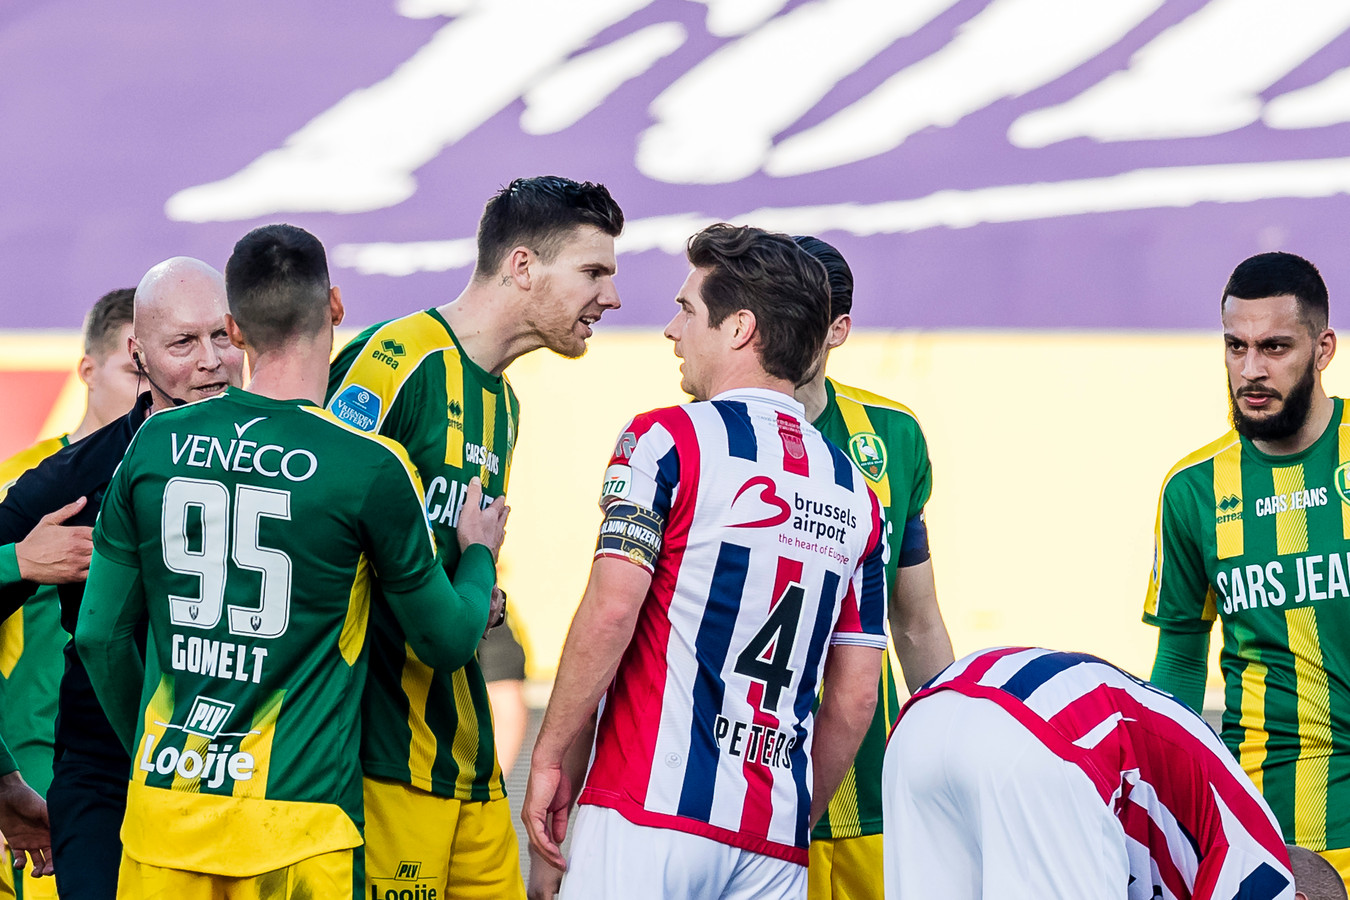 Jordens Peters was de schlemiel bij Willem II. De aanvoerder veroorzaakte een penalty en kreeg rood.